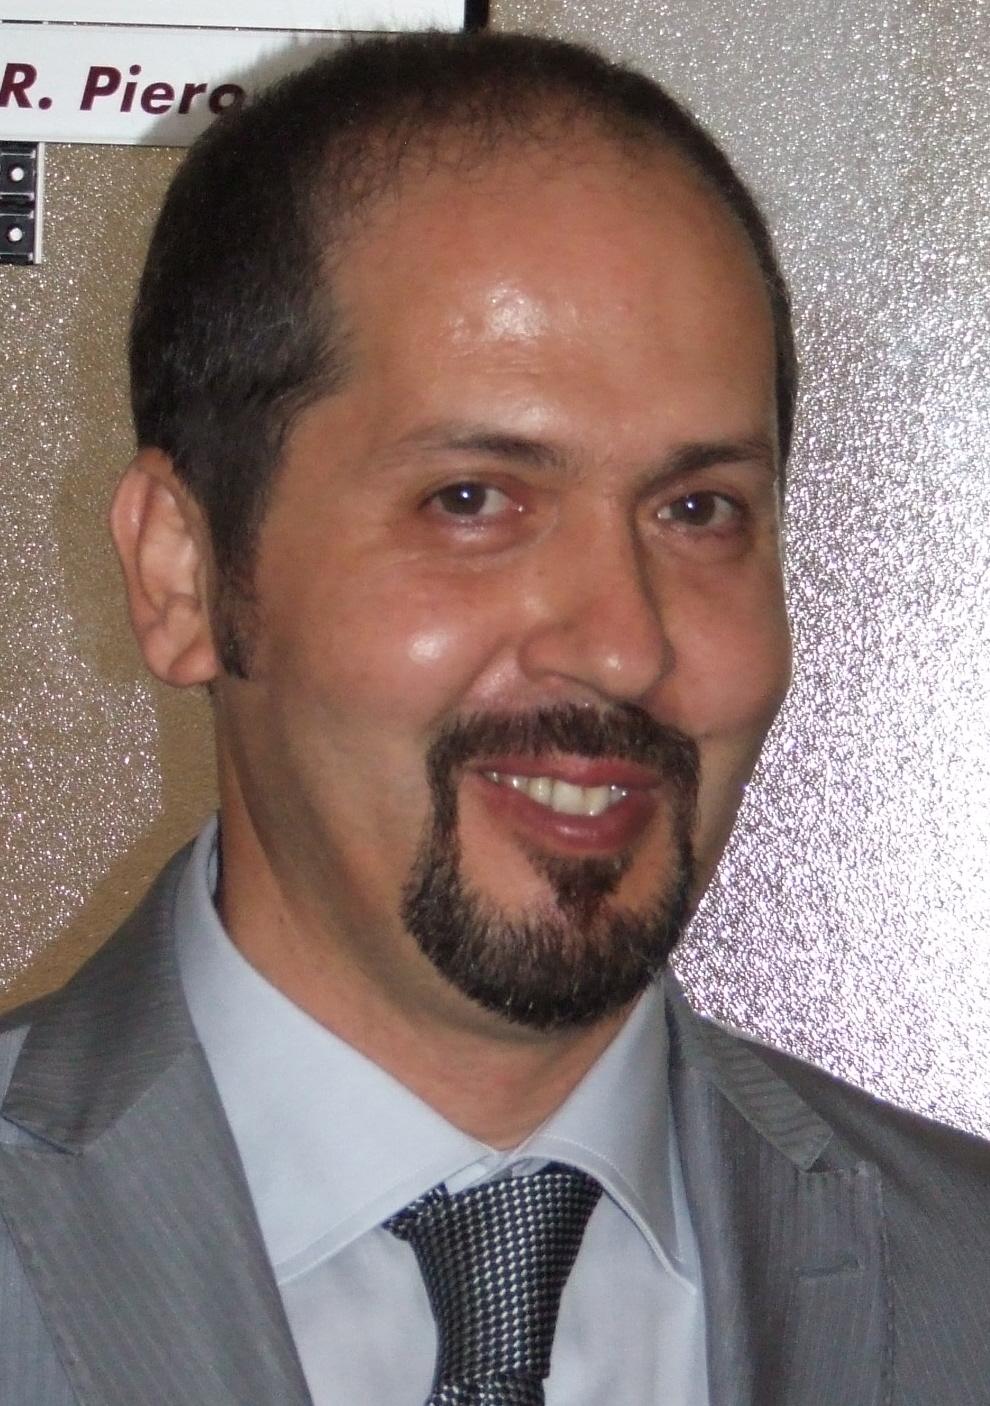 PIETRO ANTONIO MANDAGLIO